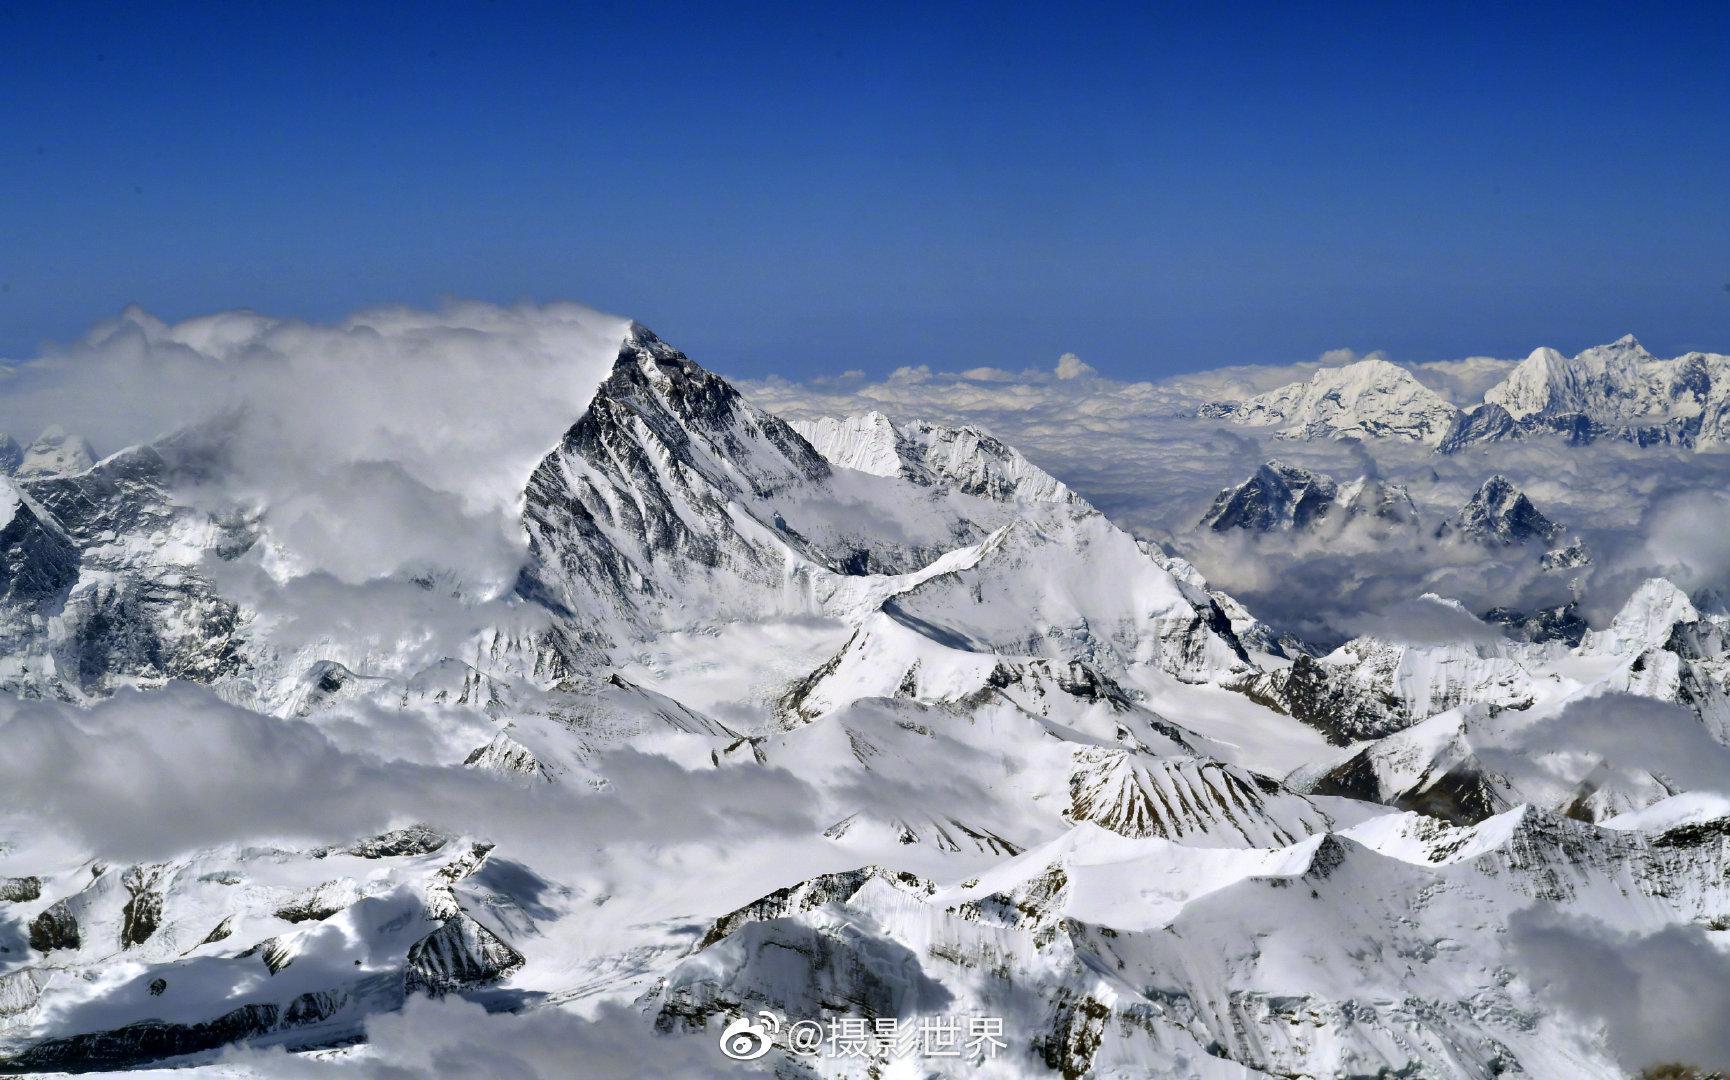 新闻眼|身高8848.86米,珠峰还在长。这是从空中拍摄的珠峰……